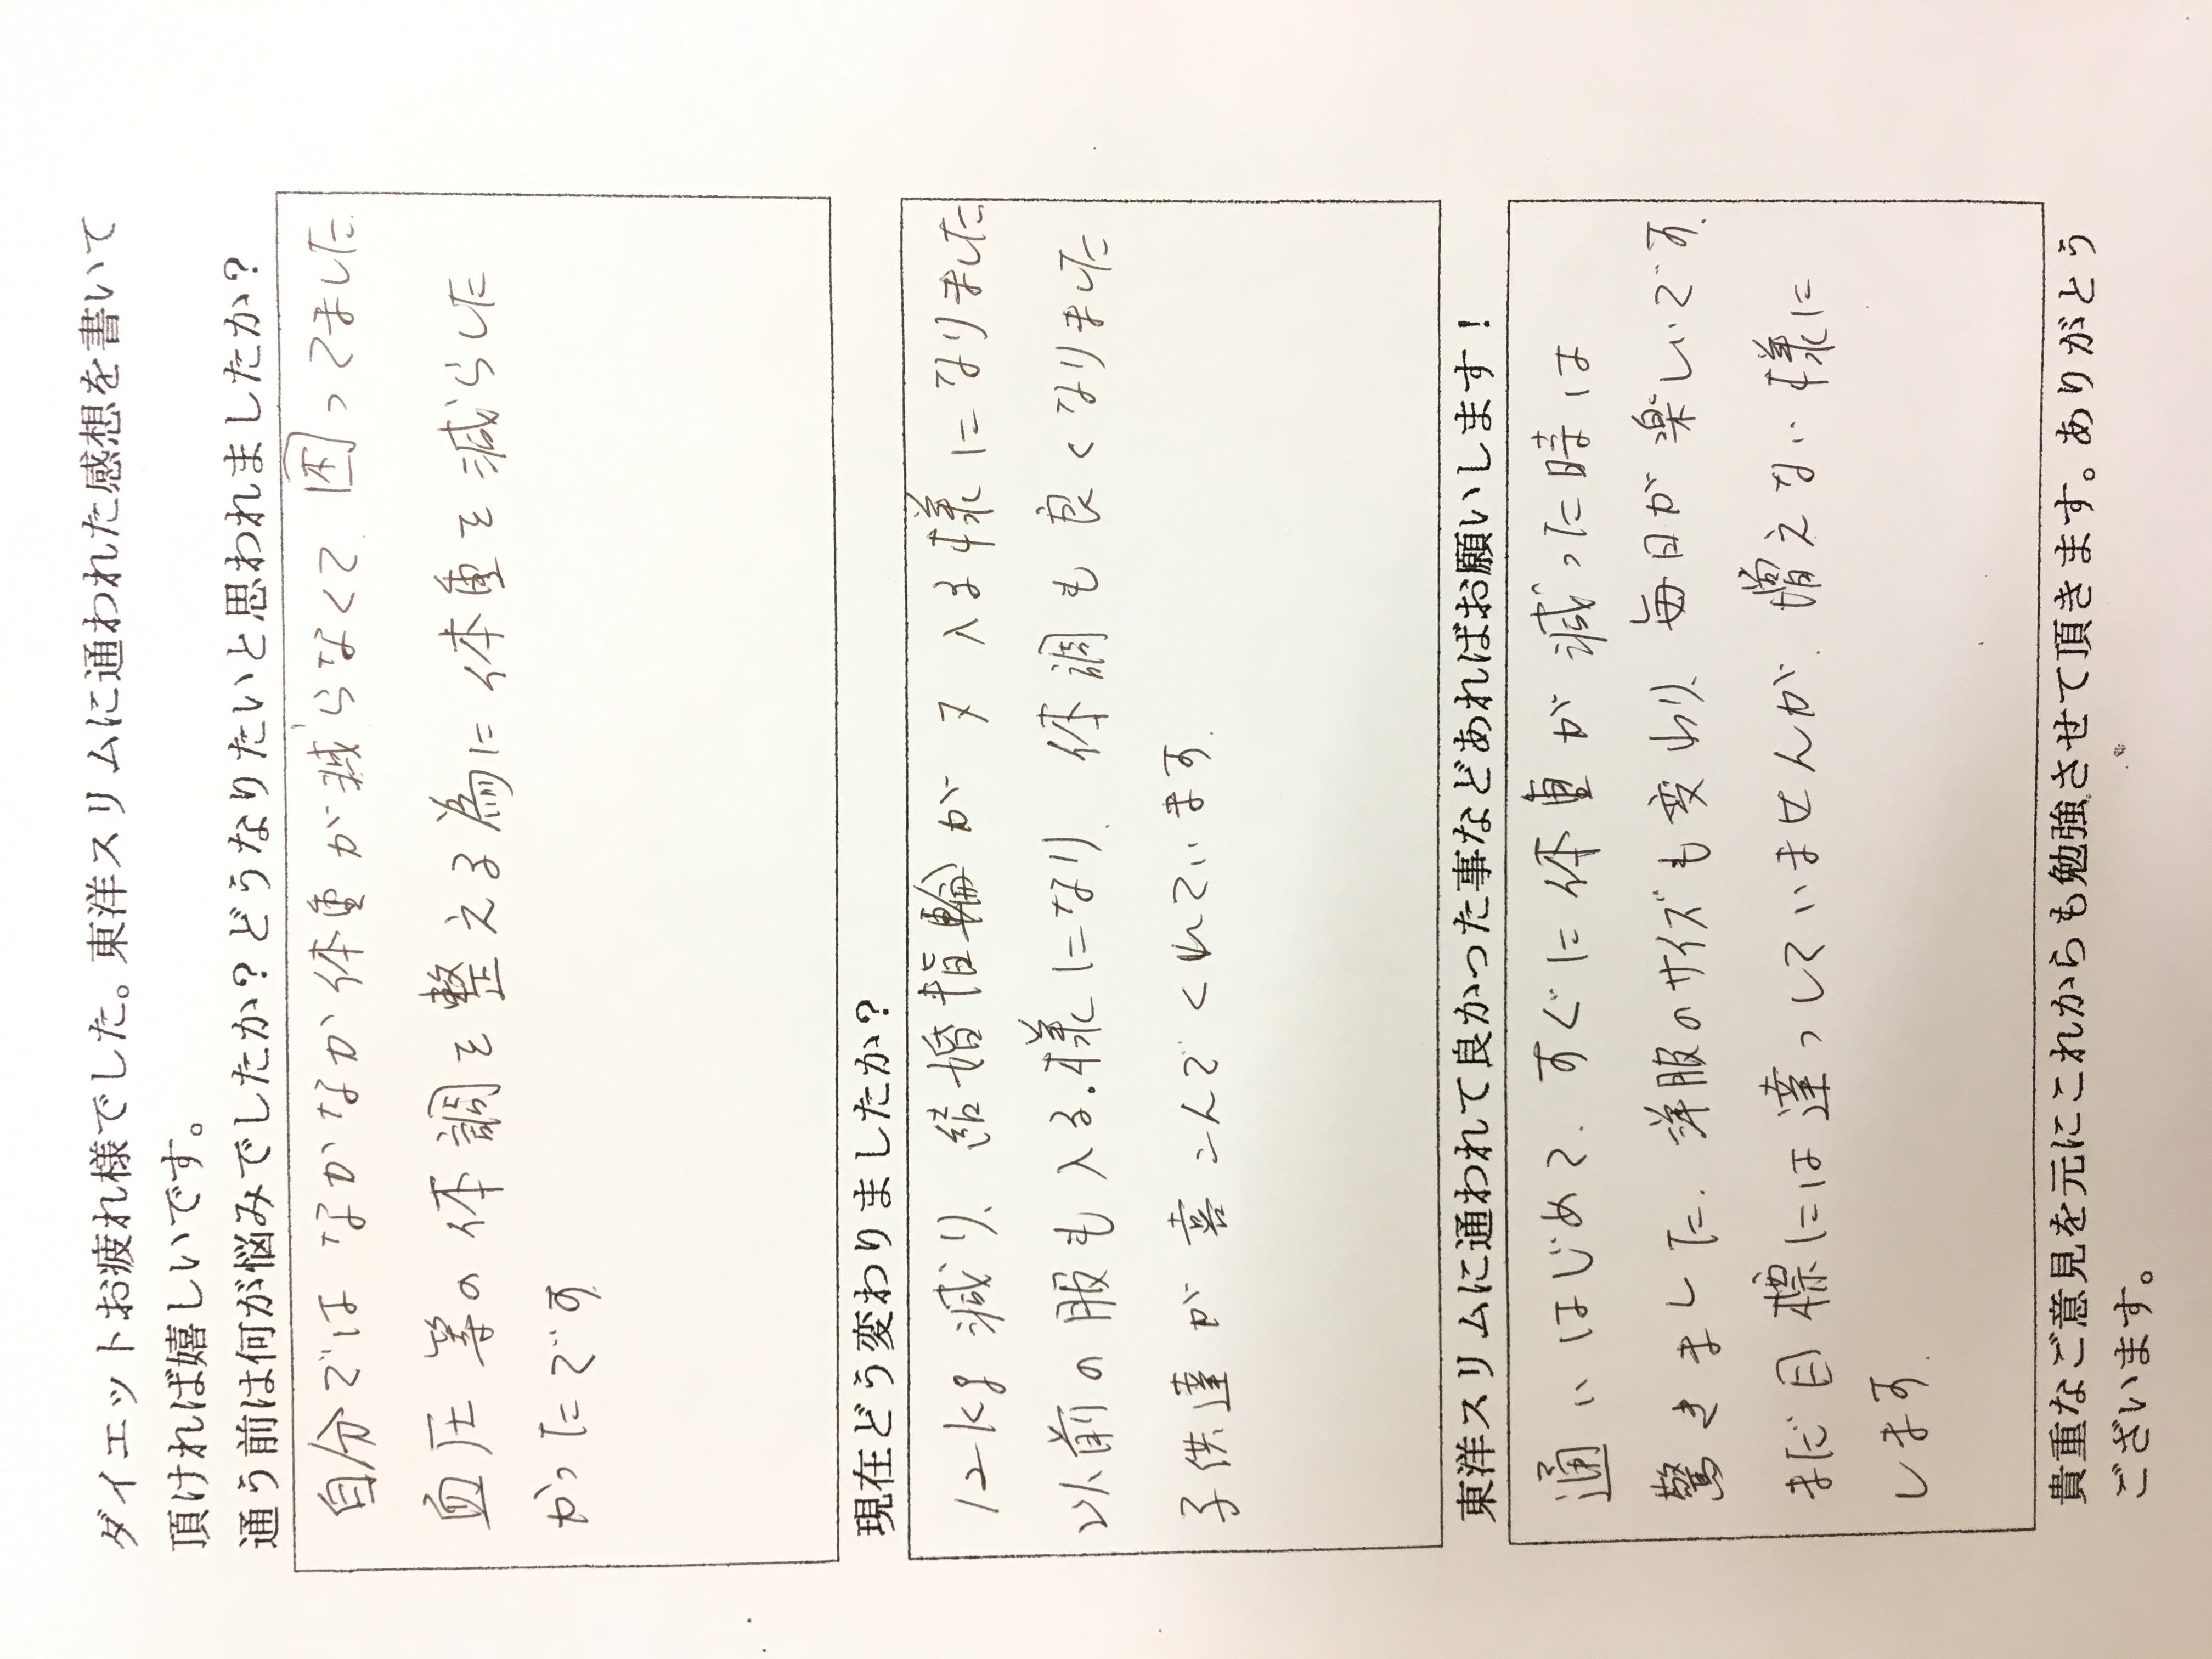 [皆様の声]大阪市旭区Yさん57歳耳つぼダイエットで13kgダイエット成功。「結婚指輪が入るようになりました」